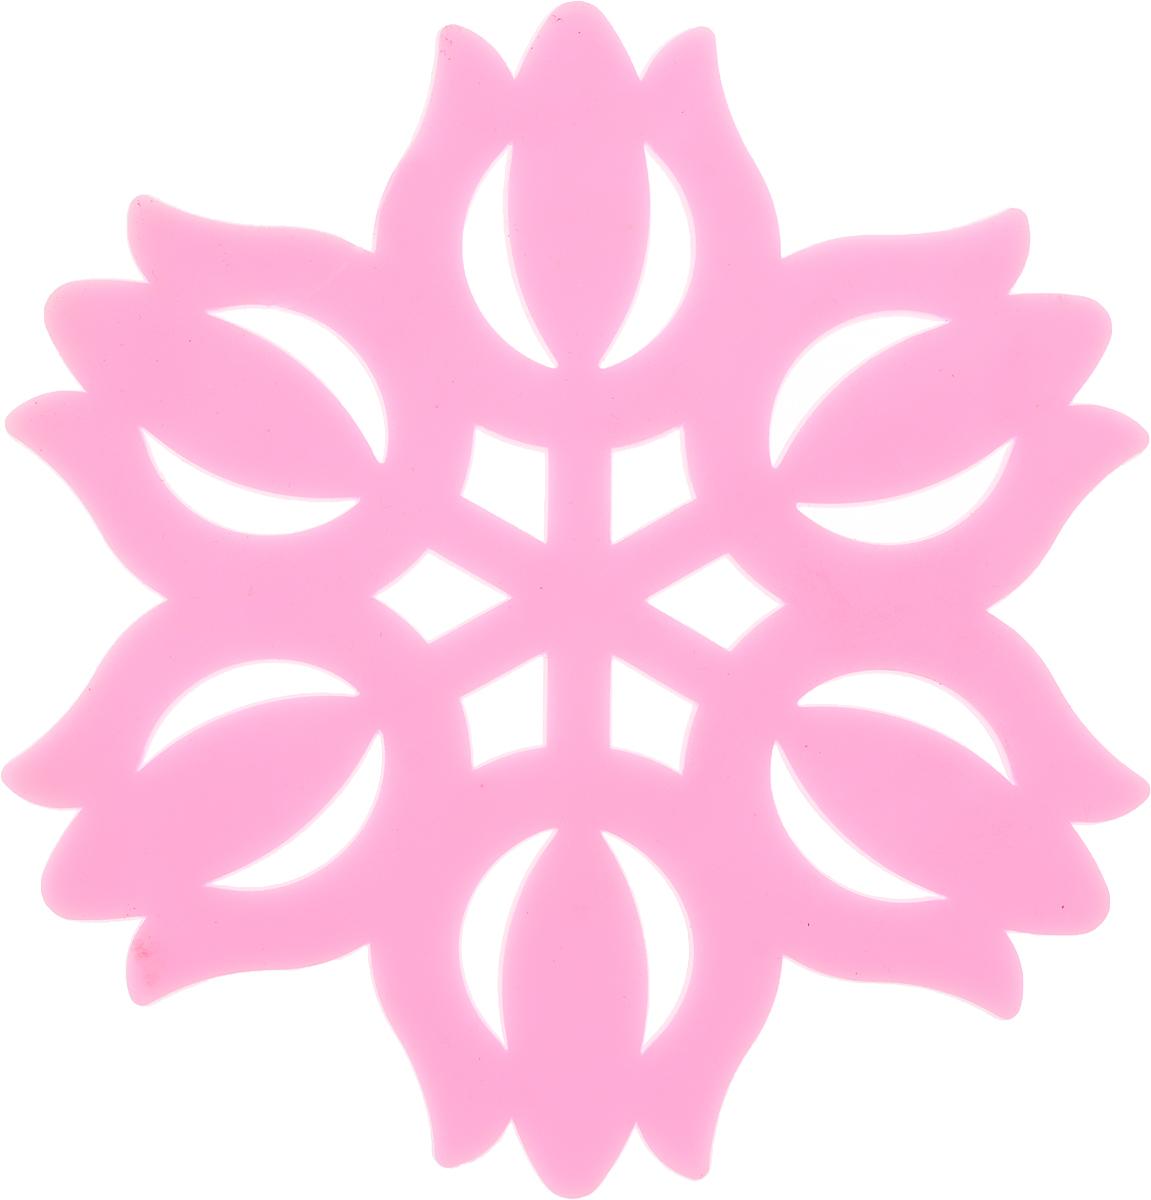 Подставка под горячее Доляна Тюльпан, цвет: розовый, диаметр 11 см811889_розовыйСиликоновая подставка под горячее - практичный предмет, который обязательно пригодится в хозяйстве. Изделие поможет сберечь столы, тумбы, скатерти и клеёнки от повреждения нагретыми сковородами, кастрюлями, чайниками и тарелками.Необычный дизайн и яркий цвет этой подставки не только порадует глаз, но и украсит вашу кухню!